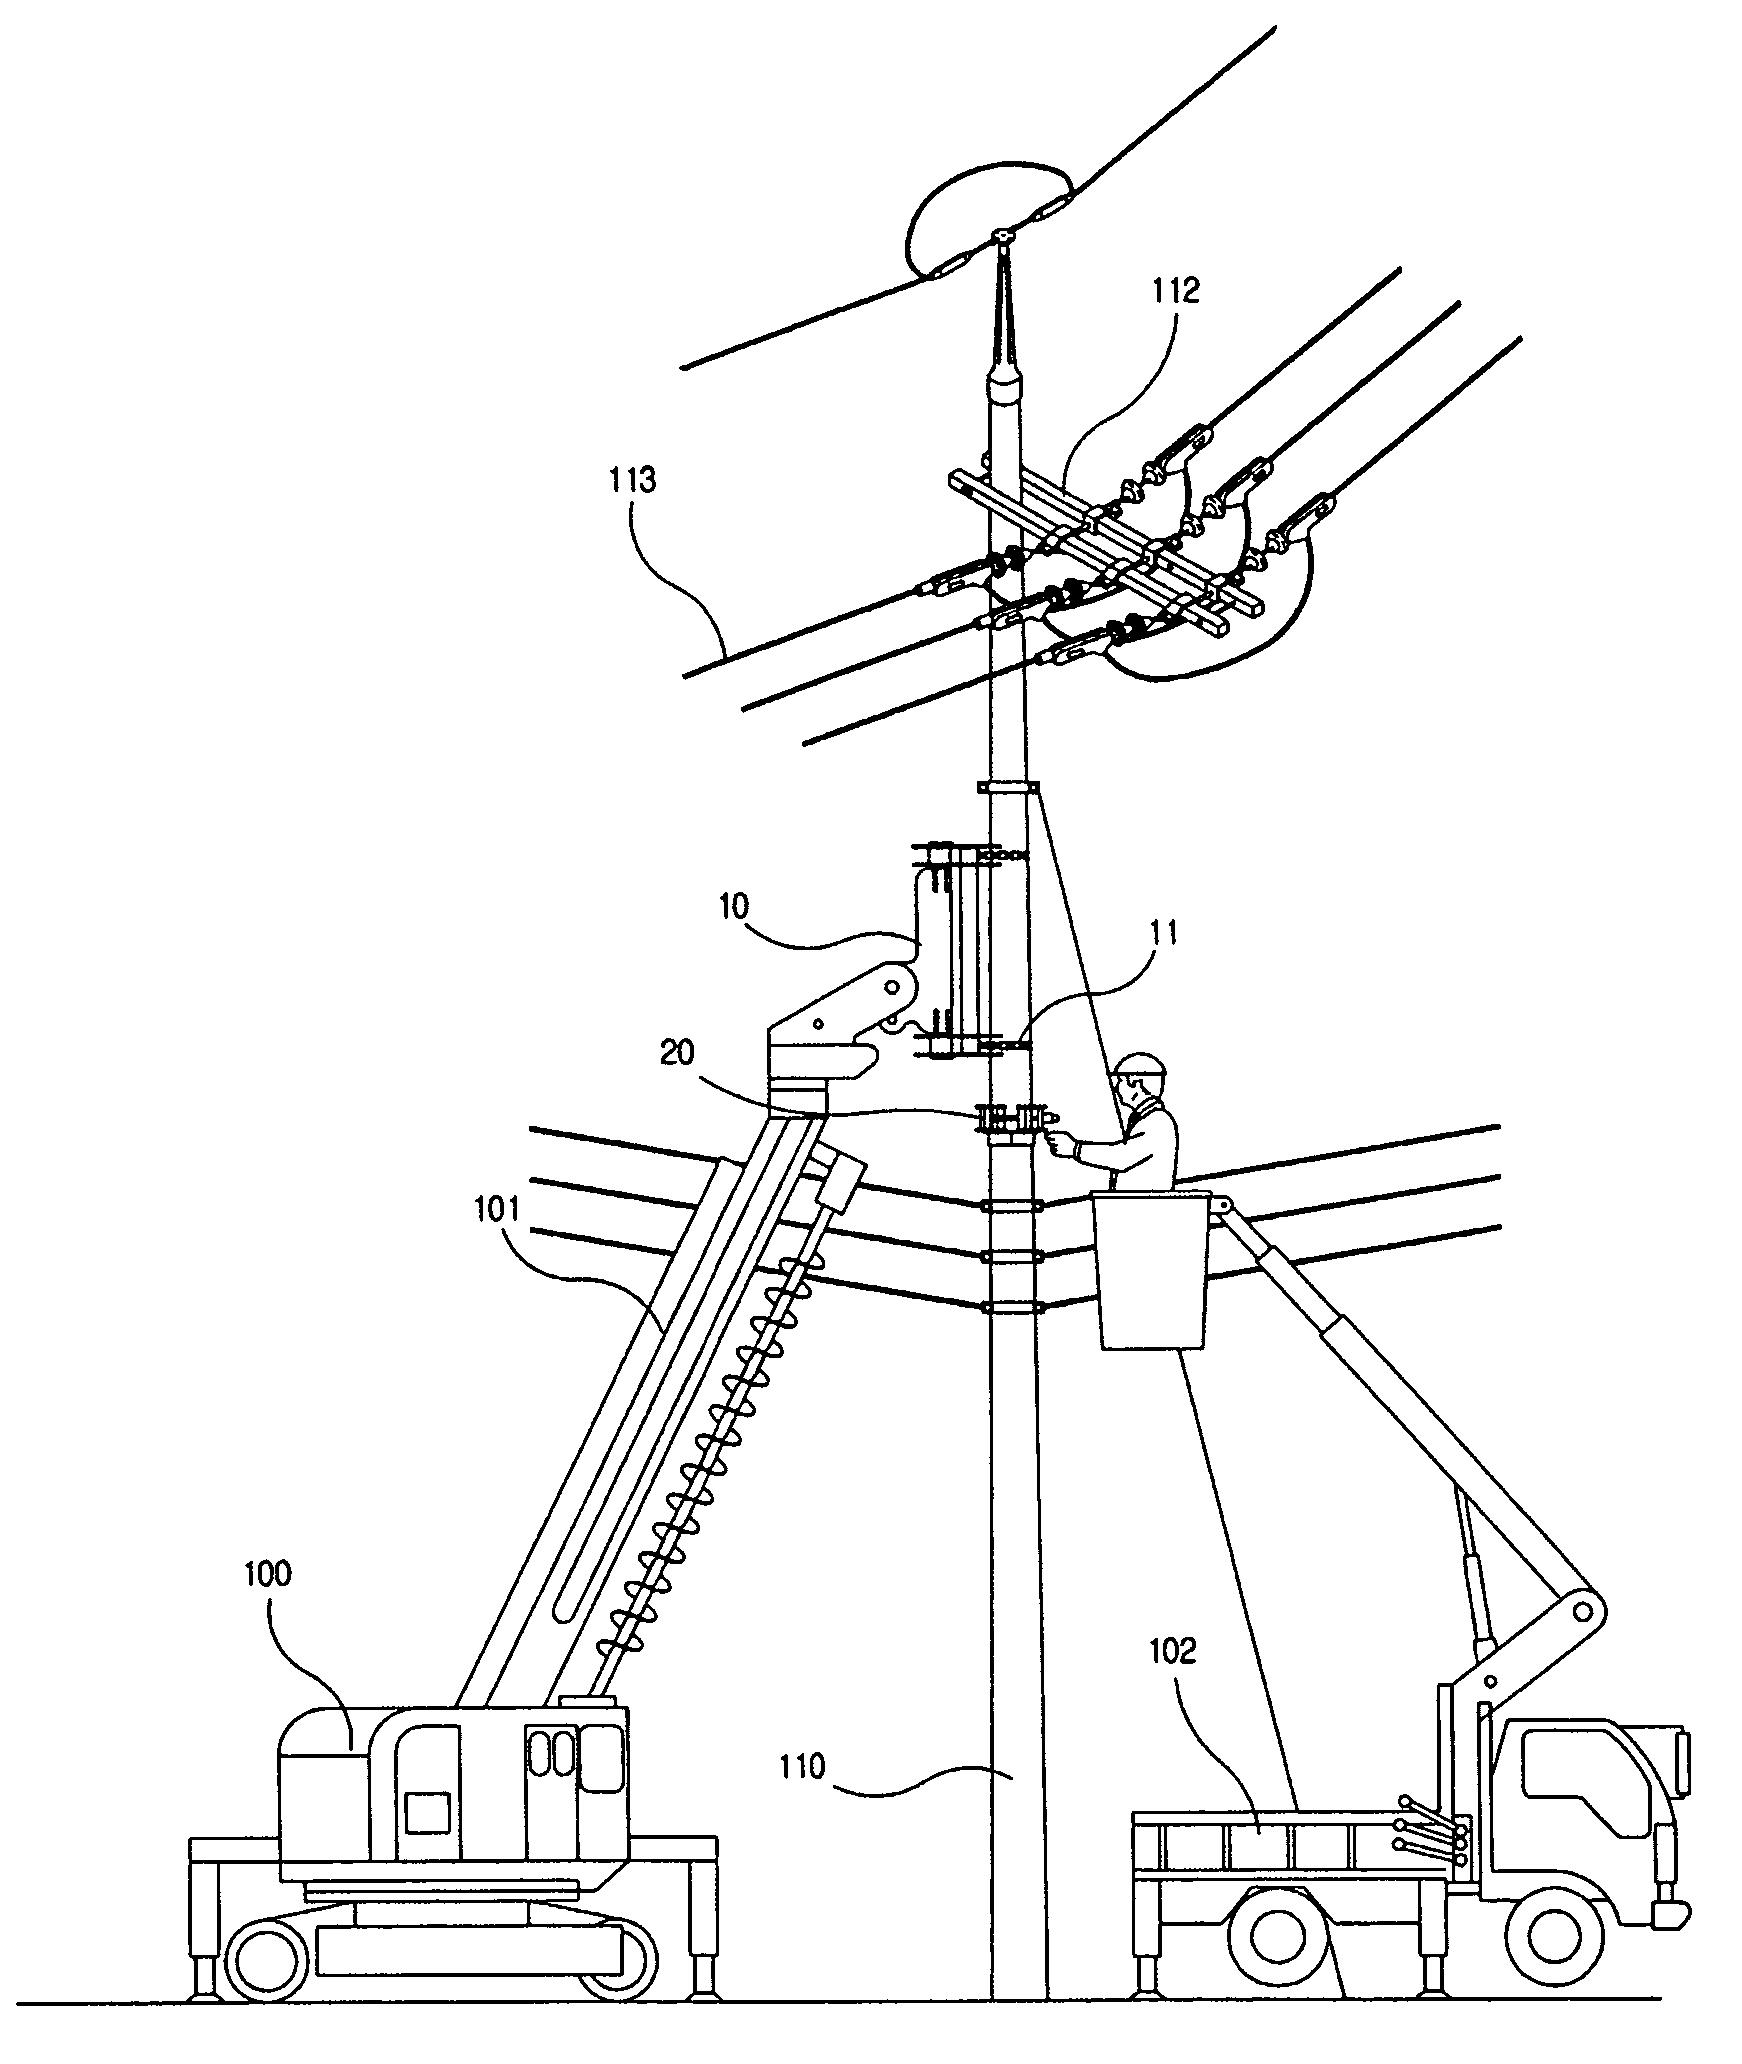 patent us7814725